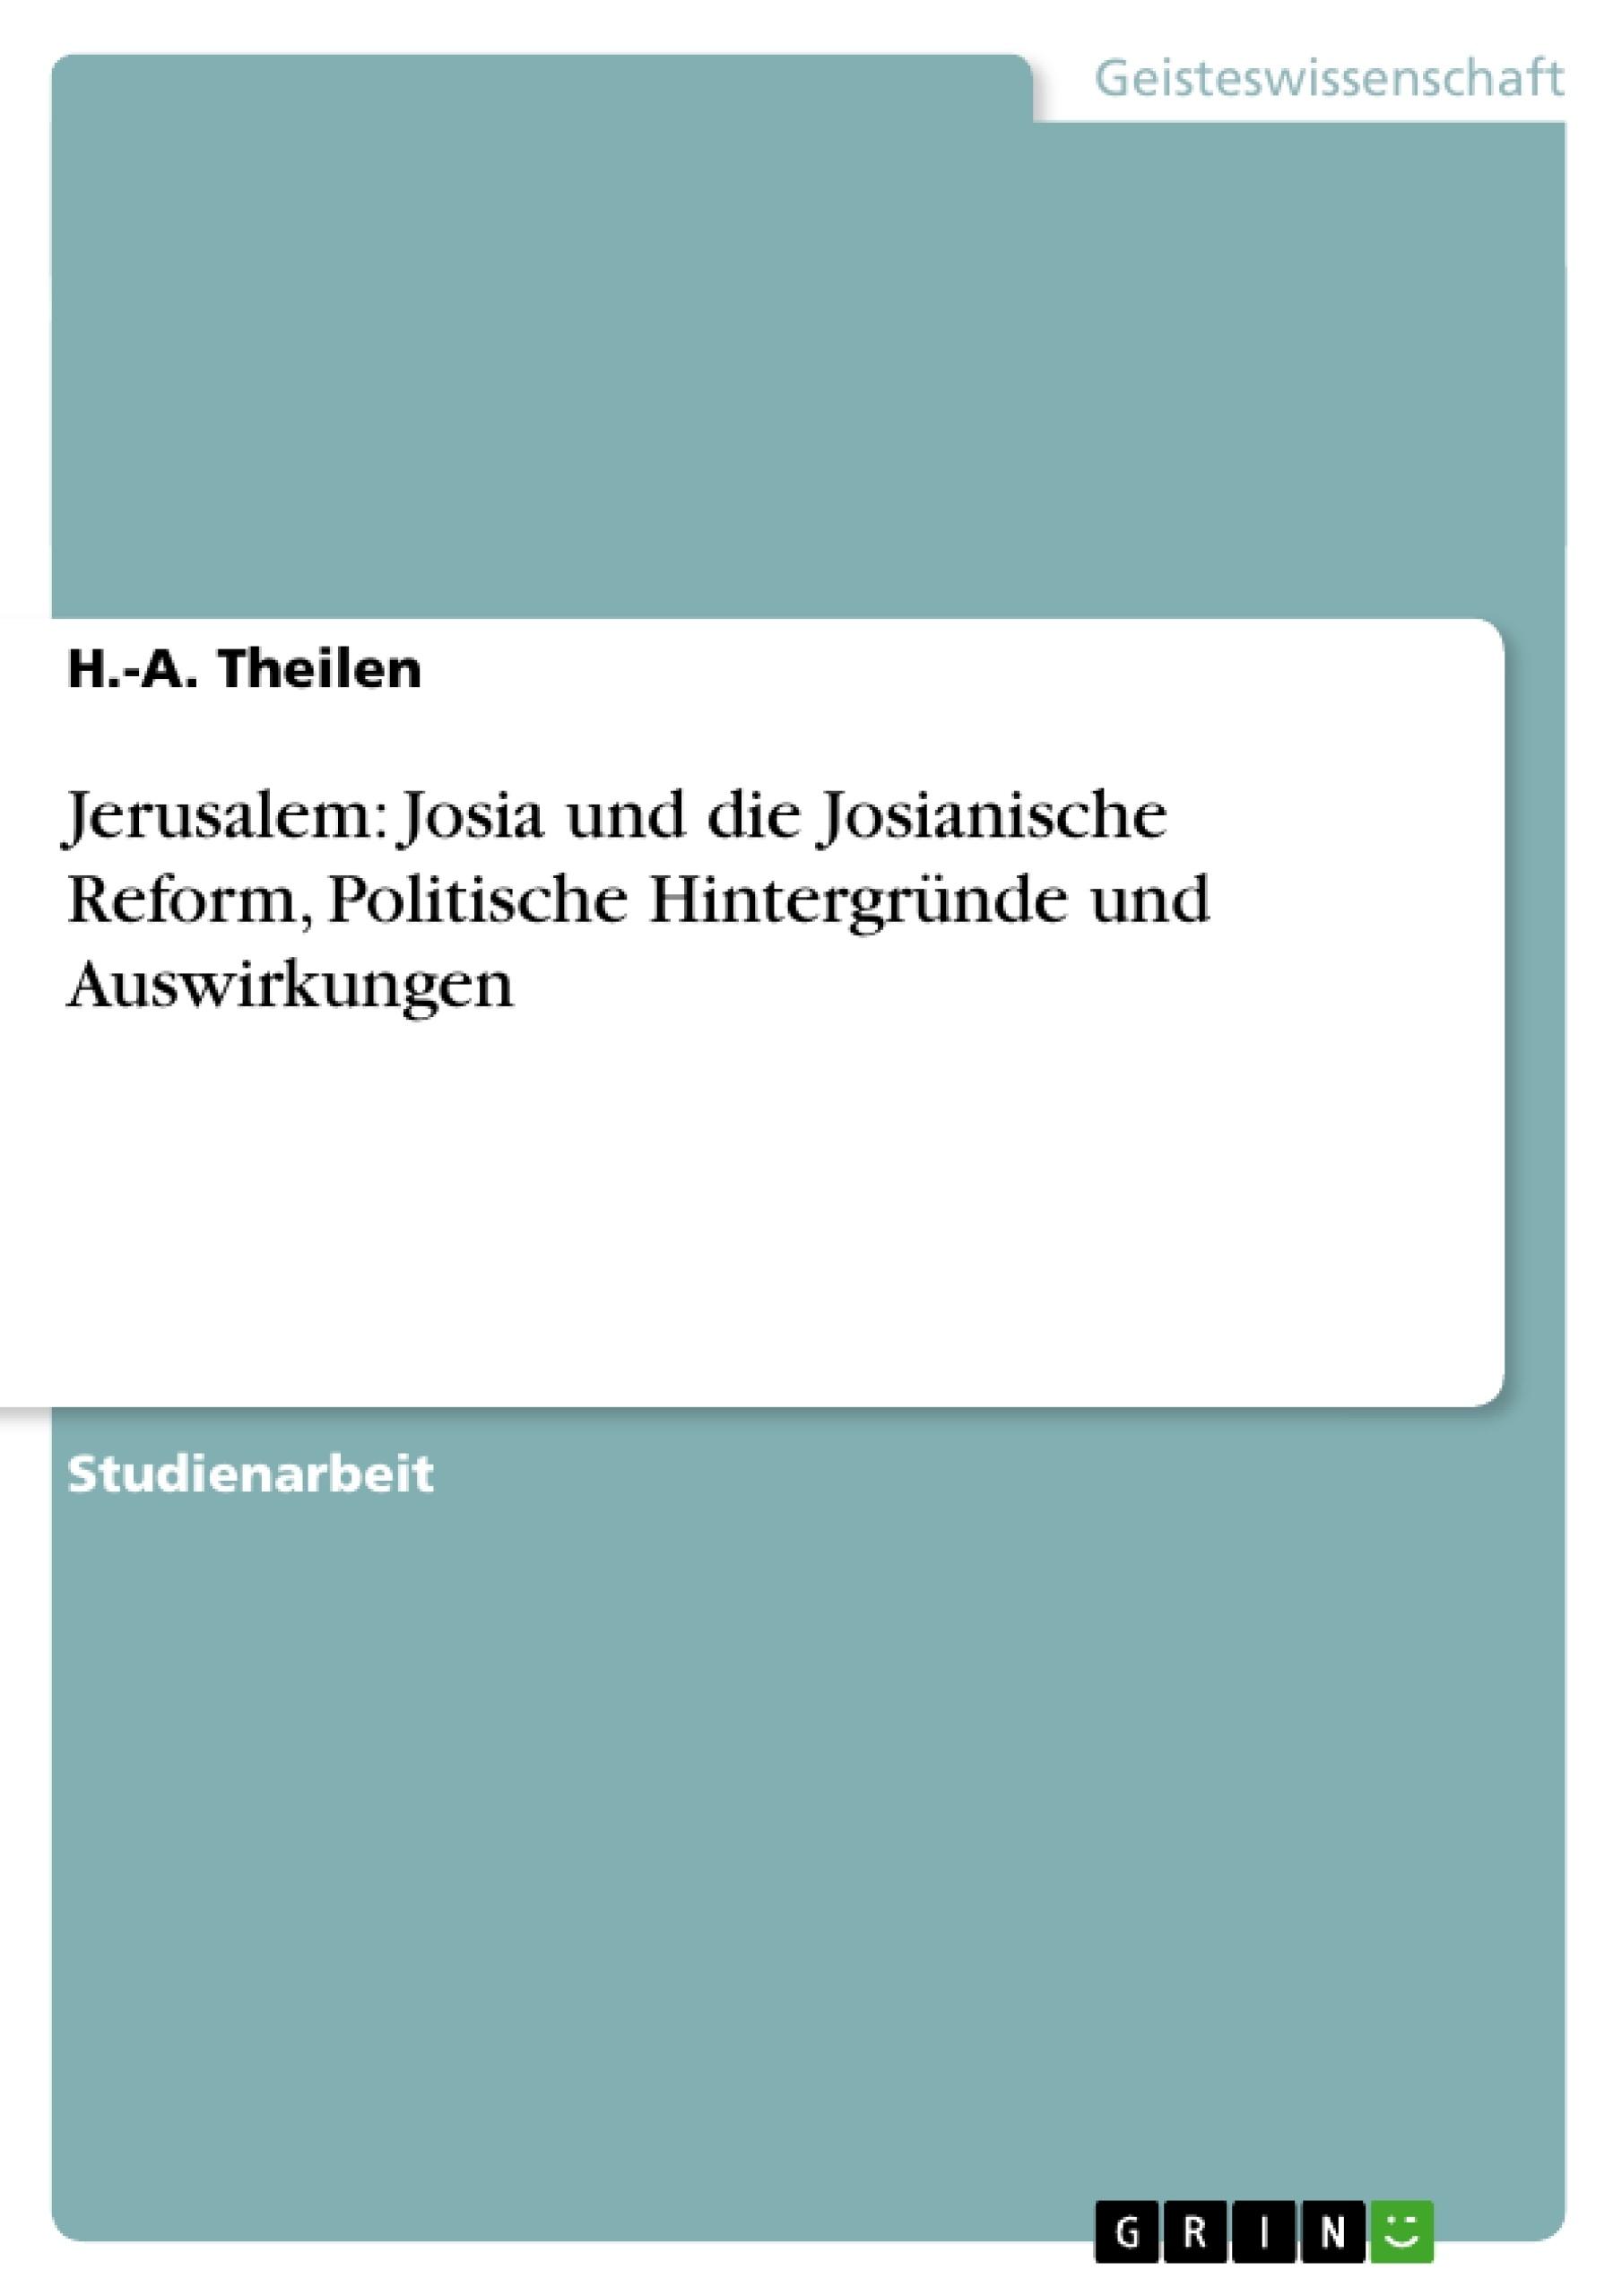 Titel: Jerusalem: Josia und die Josianische Reform, Politische Hintergründe und Auswirkungen